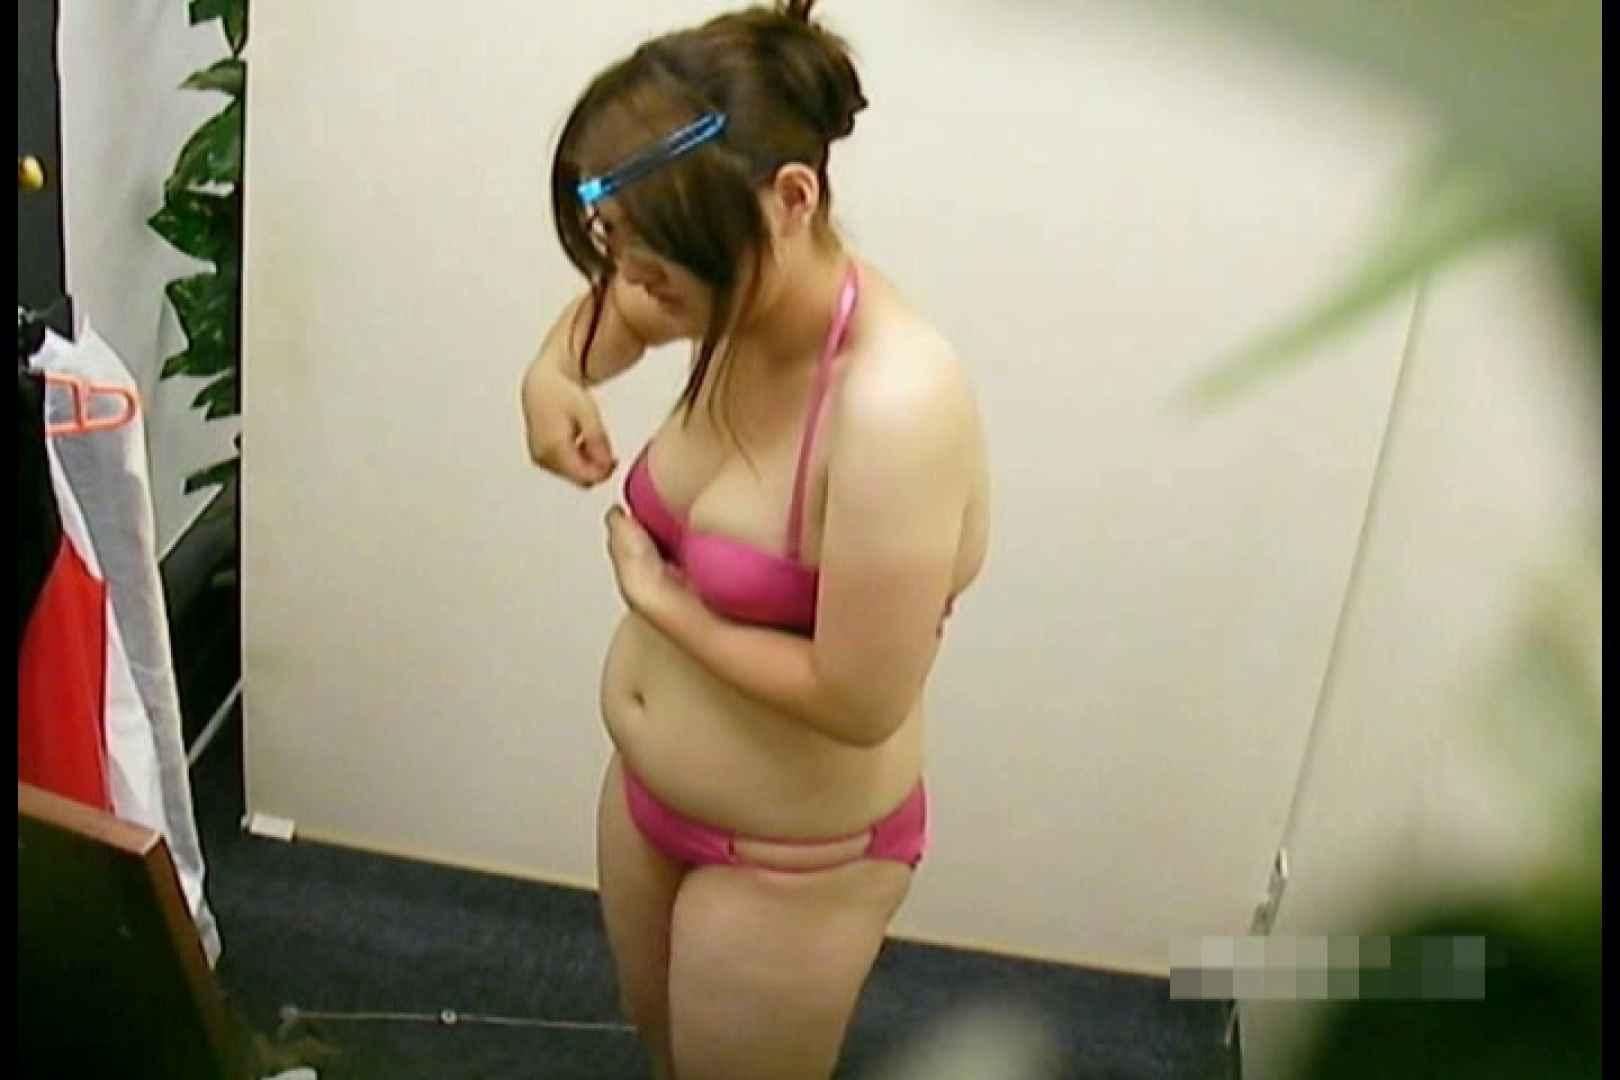 素人撮影 下着だけの撮影のはずが・・・えりか18歳 巨乳  104PIX 45